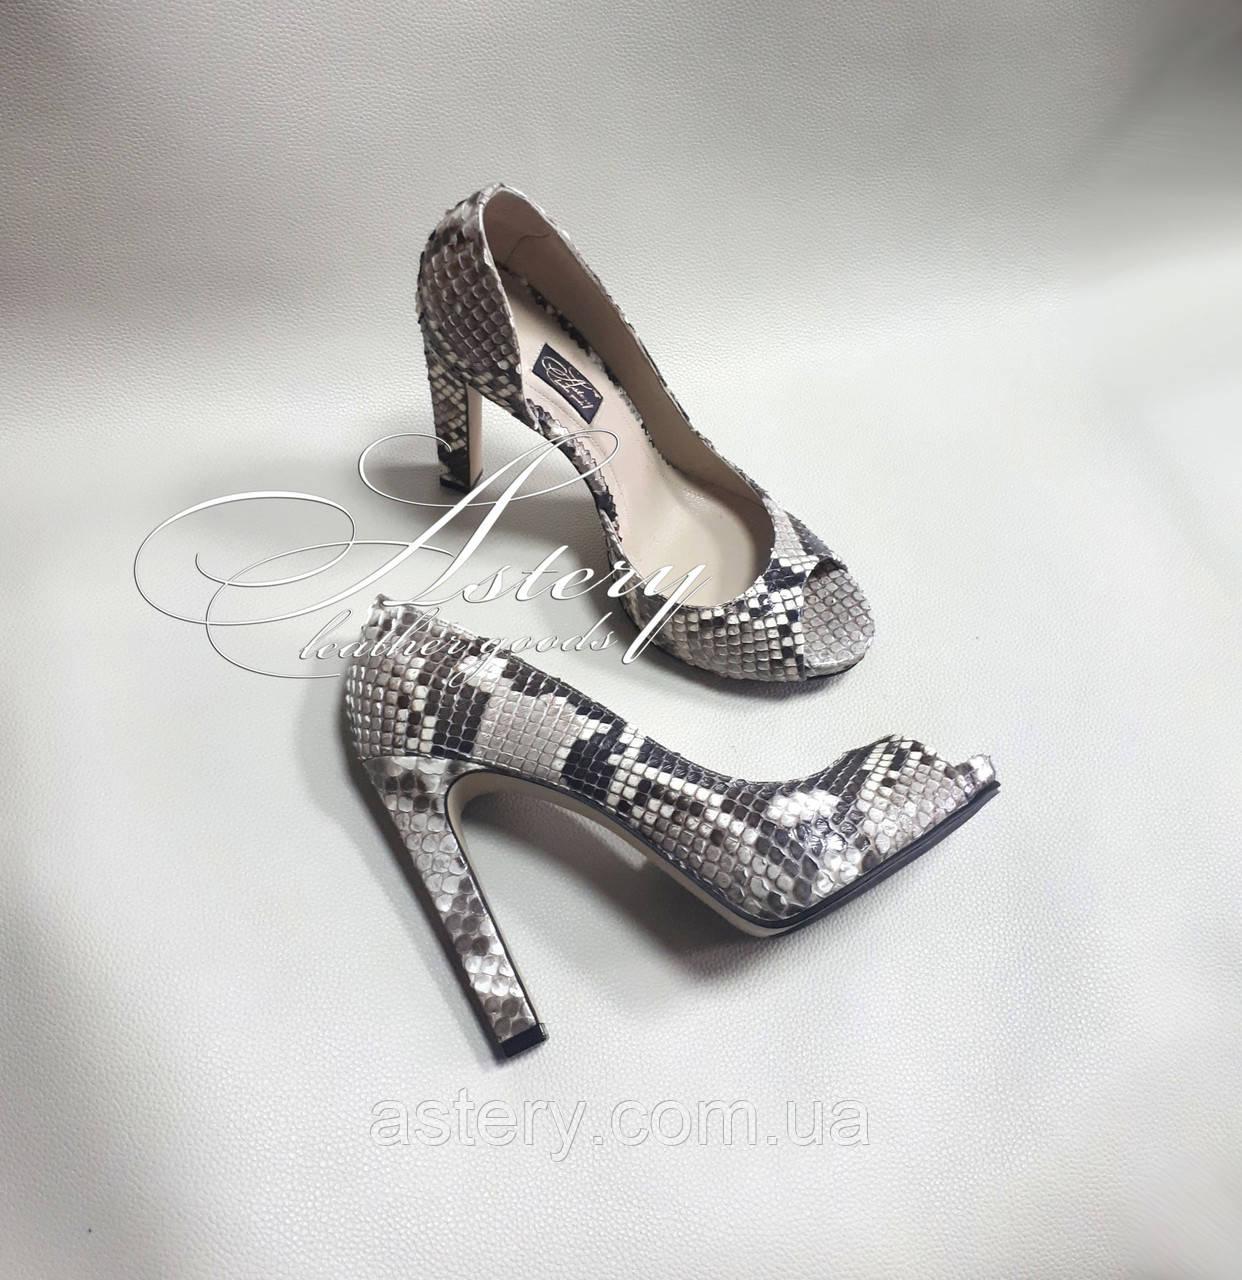 Жіночі сірі туфлі з пітона з відкритим носком